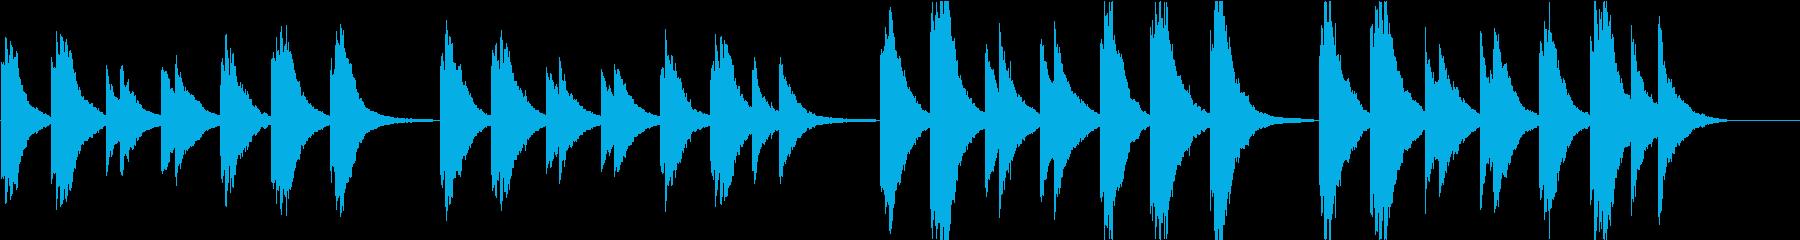 時報・チャイム風の名曲のメロディ・9の再生済みの波形